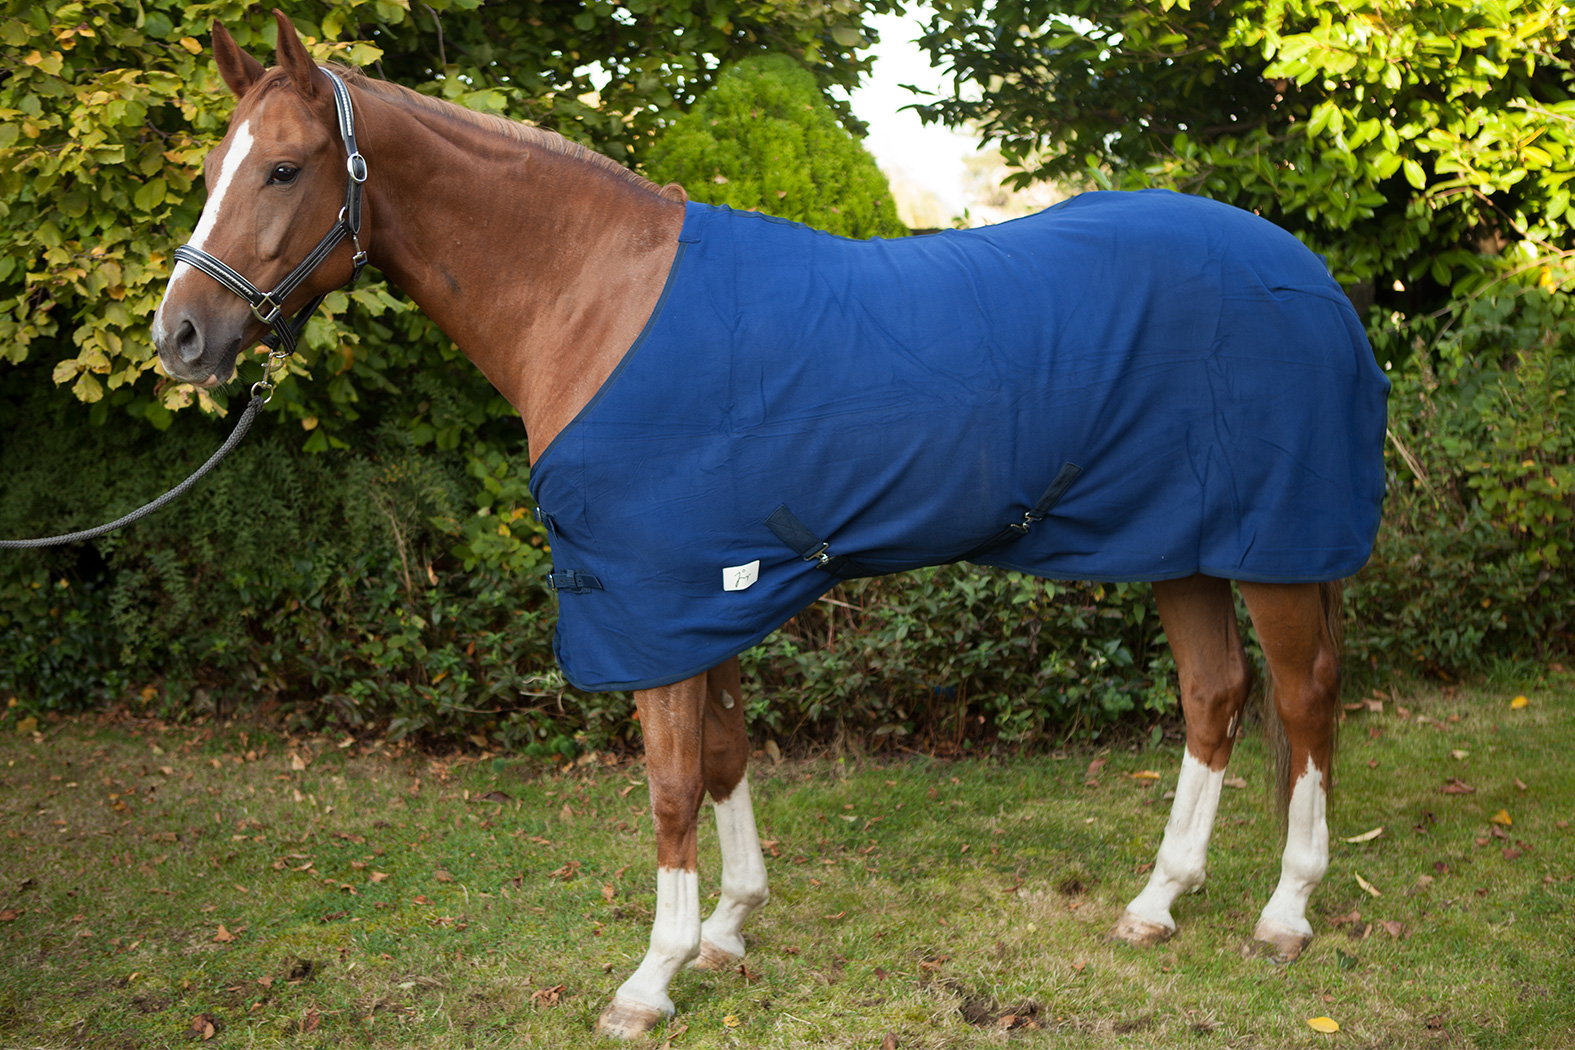 choisir les couvertures de son cheval